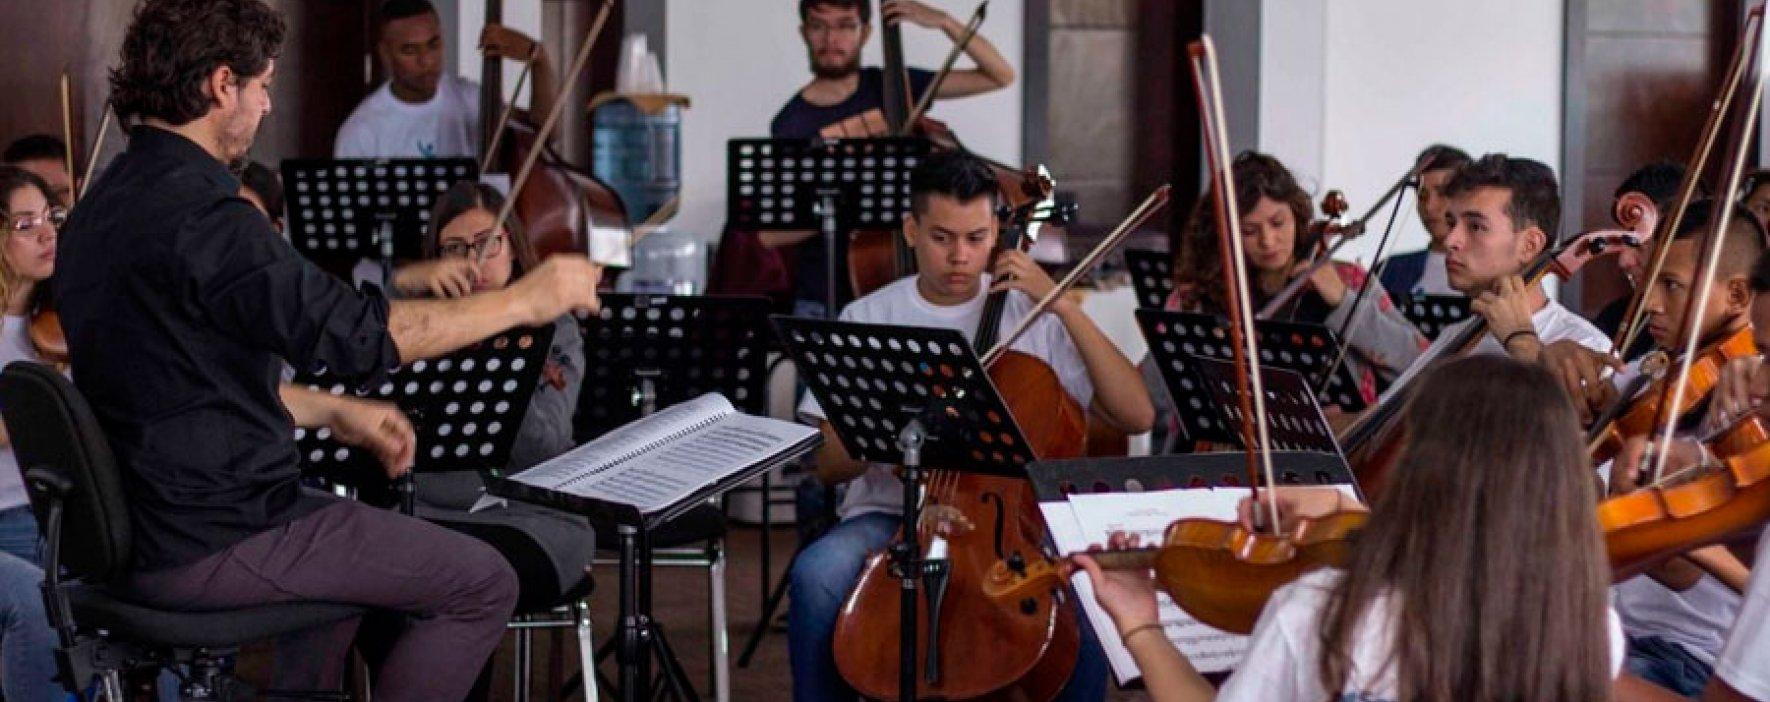 Fundación Batuta abre oportunidades para futuros músicos